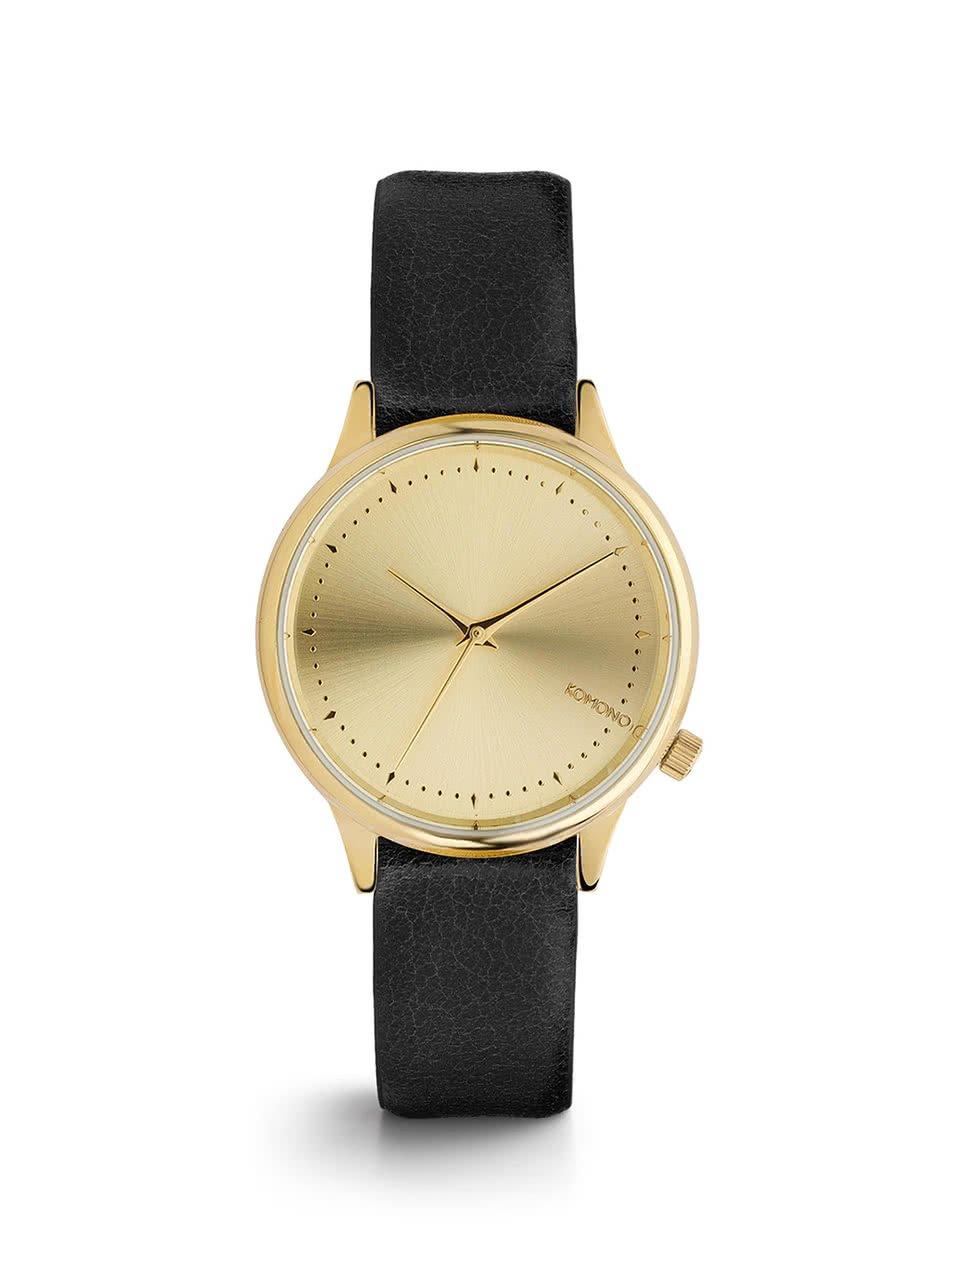 Černé dámské hodinky s ciferníkem ve zlaté barvě Komono Estelle Classic